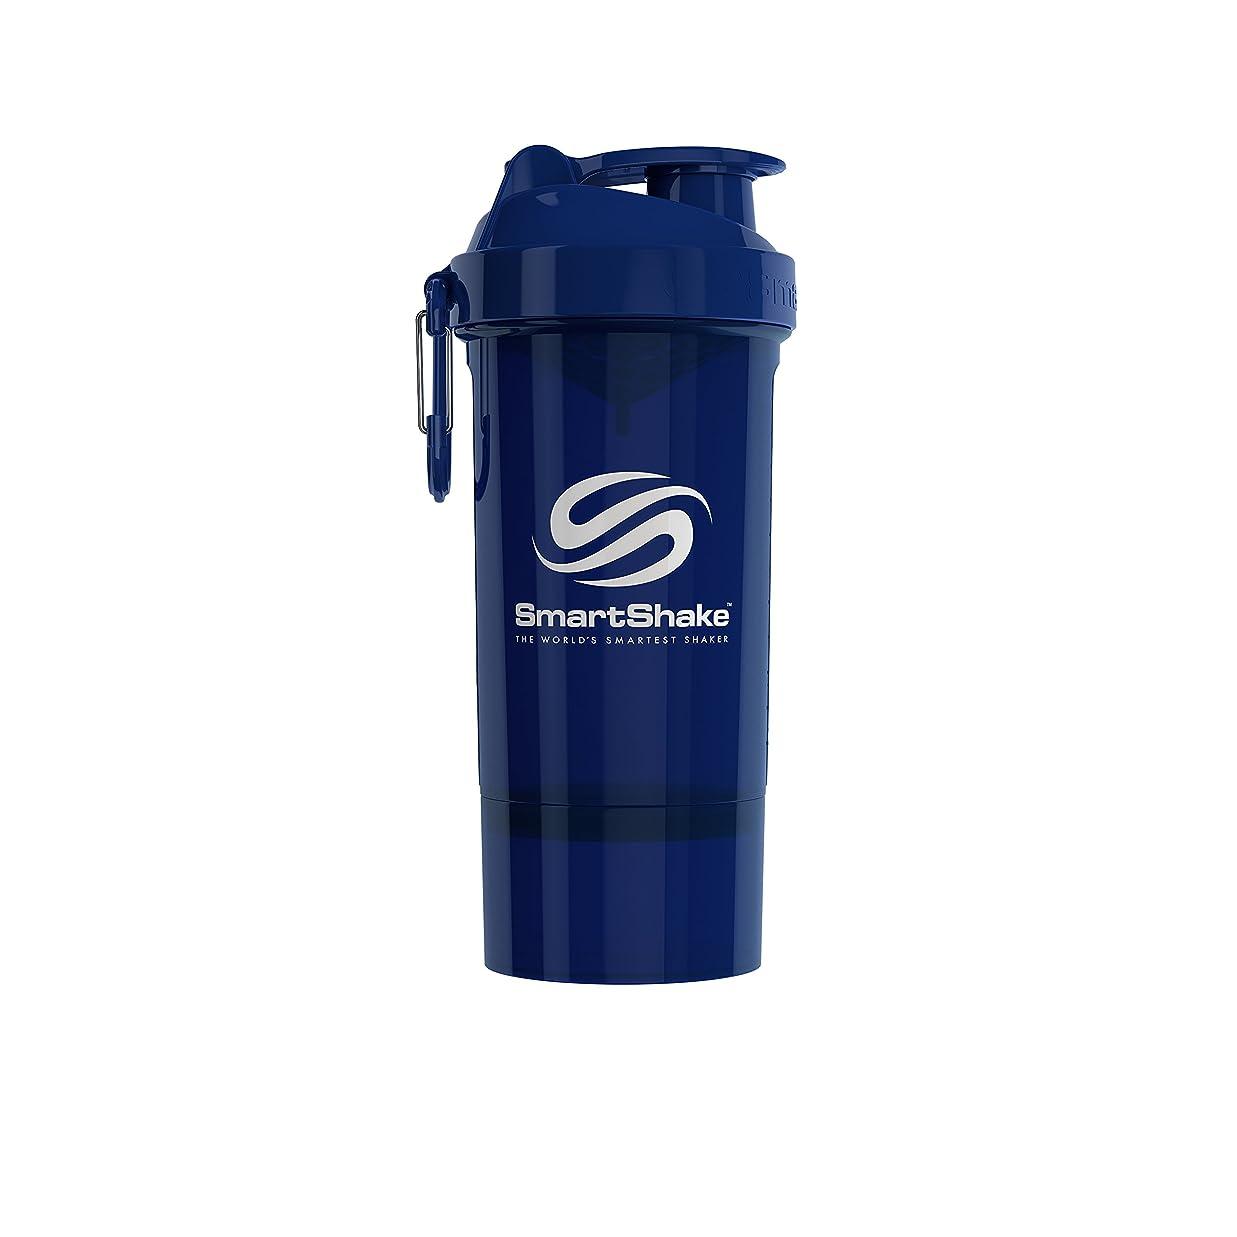 予見する買い手判定SmartShake(スマートシェイク) SmartShake ORIGINAL2GO ONE 800ml Navy Blue 多機能プロテインシェイカー ネイビーブルー 800ml大容量 コンテナ1段タイプ